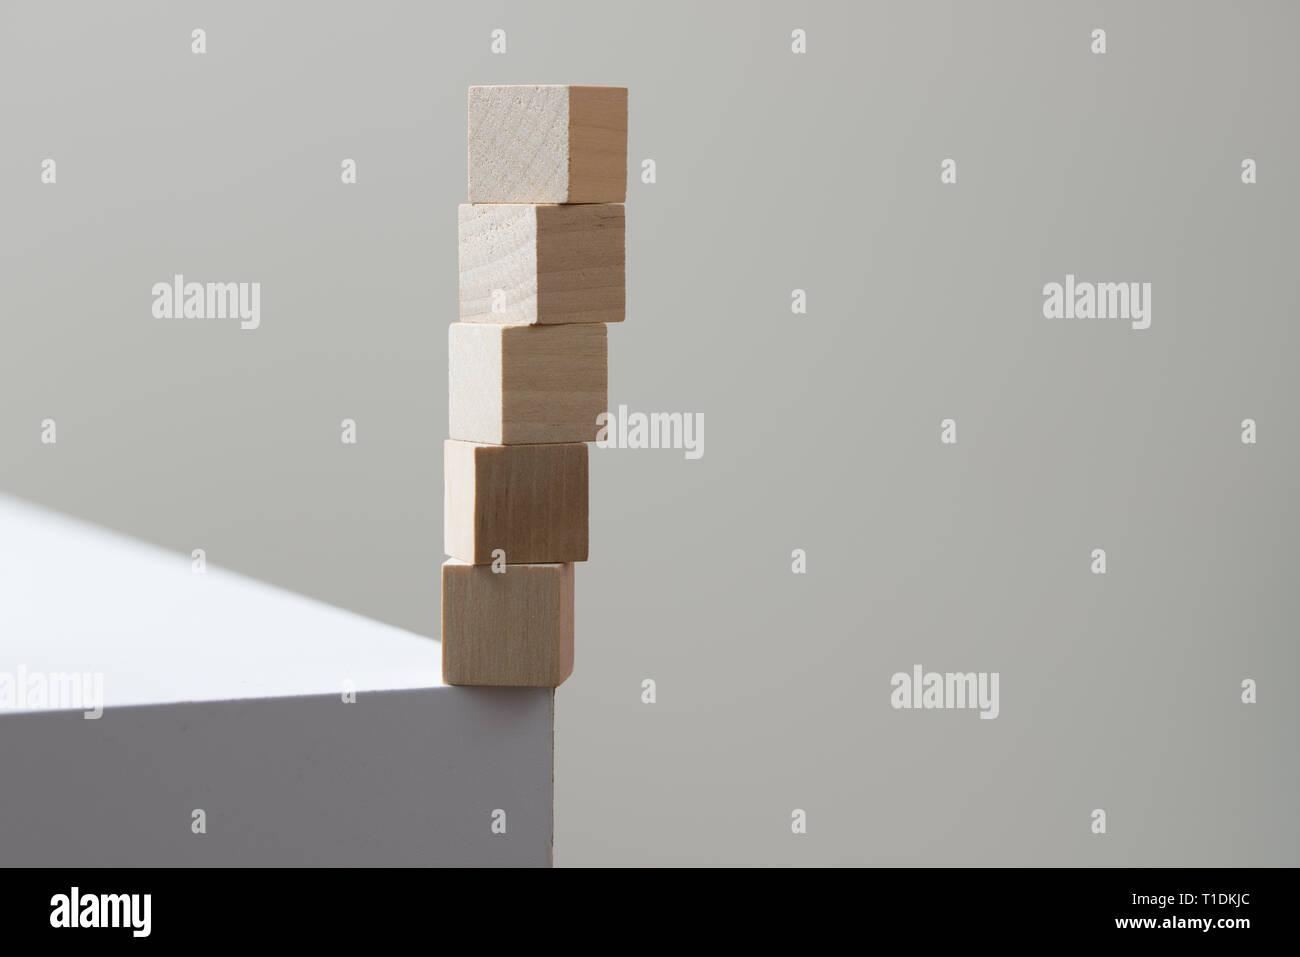 Cubos de madera en equilibrio en el borde de la mesa para el concepto de riesgo Foto de stock